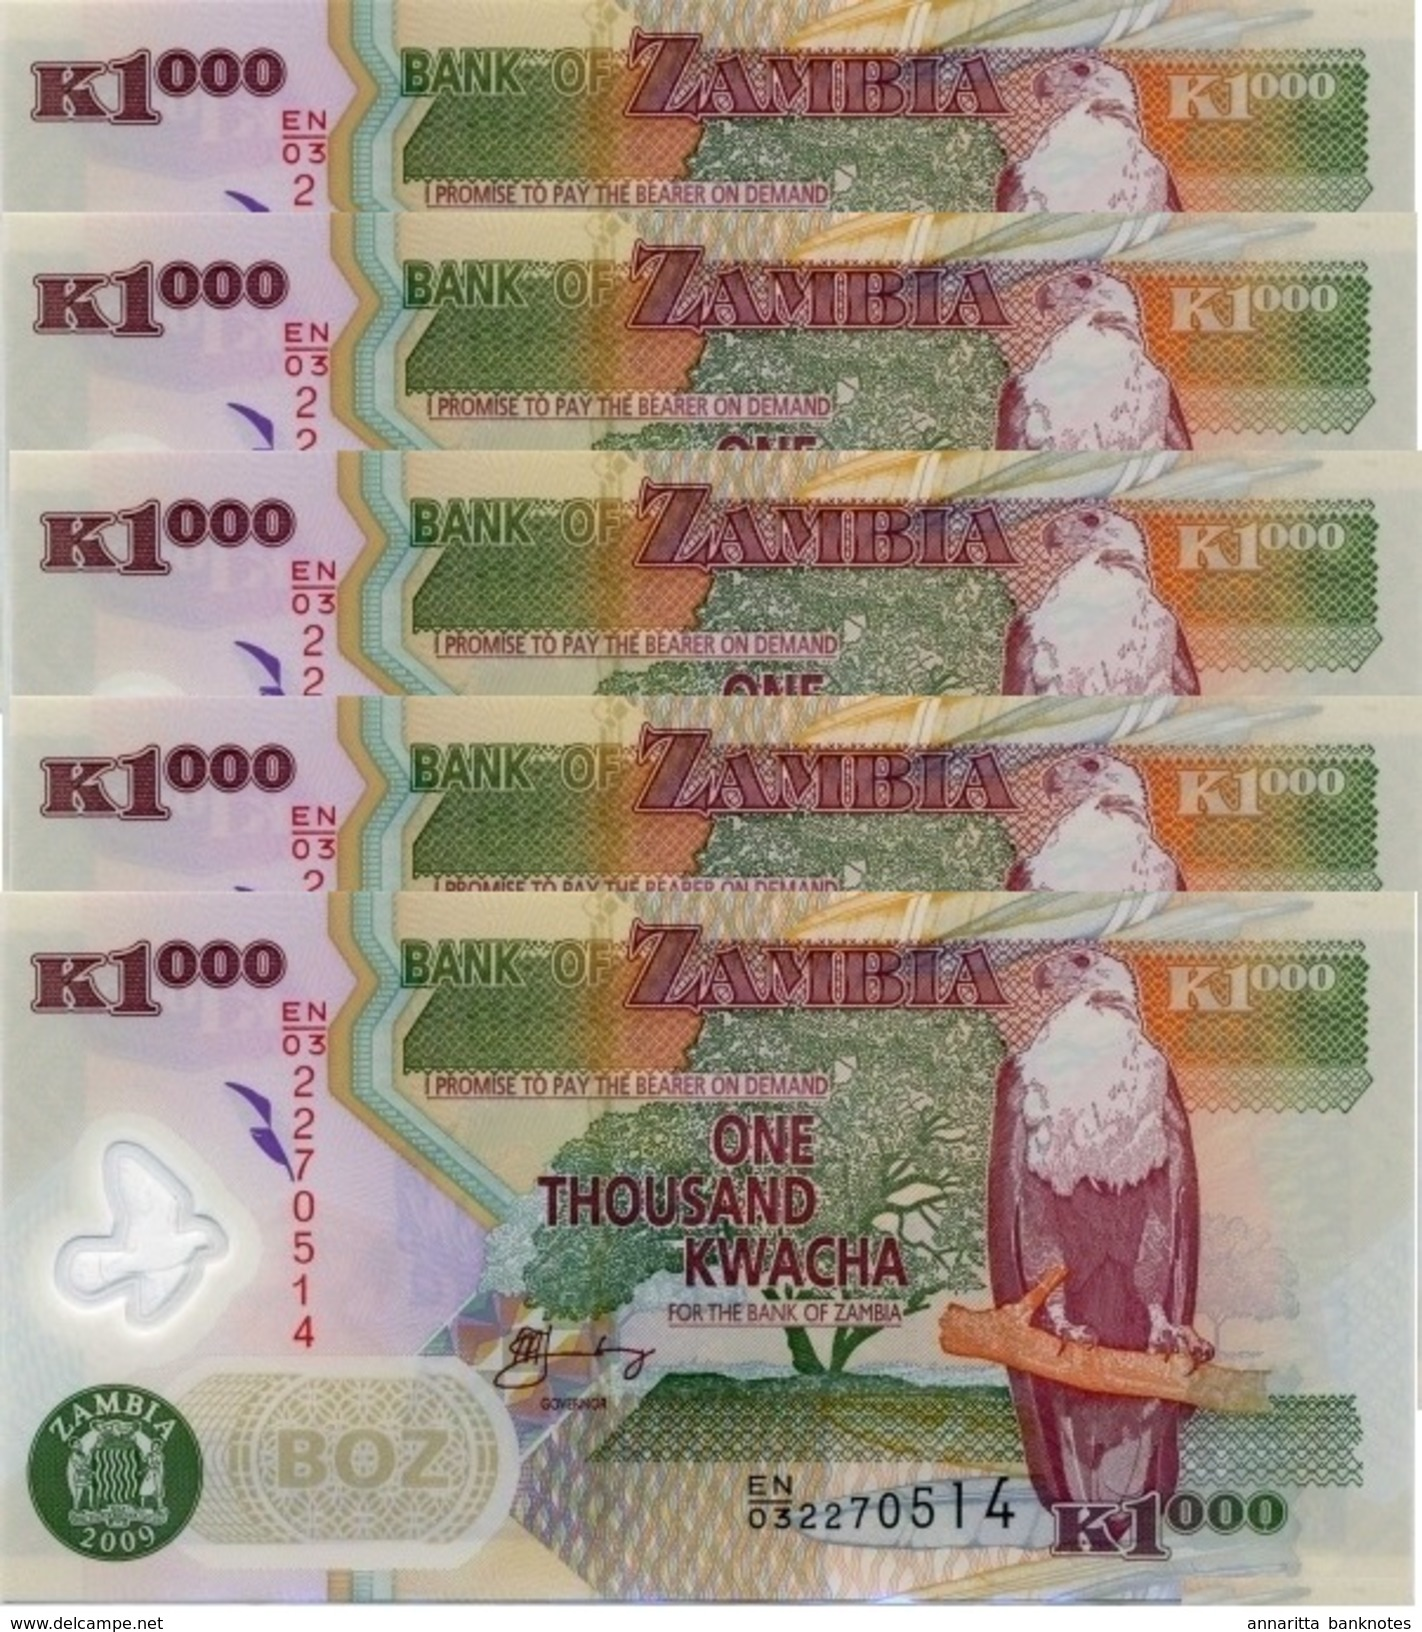 SAMBIA 1000 KWACHA 2009 P-44g I (BFR)  5 PCS [ZM146g] - Zambia